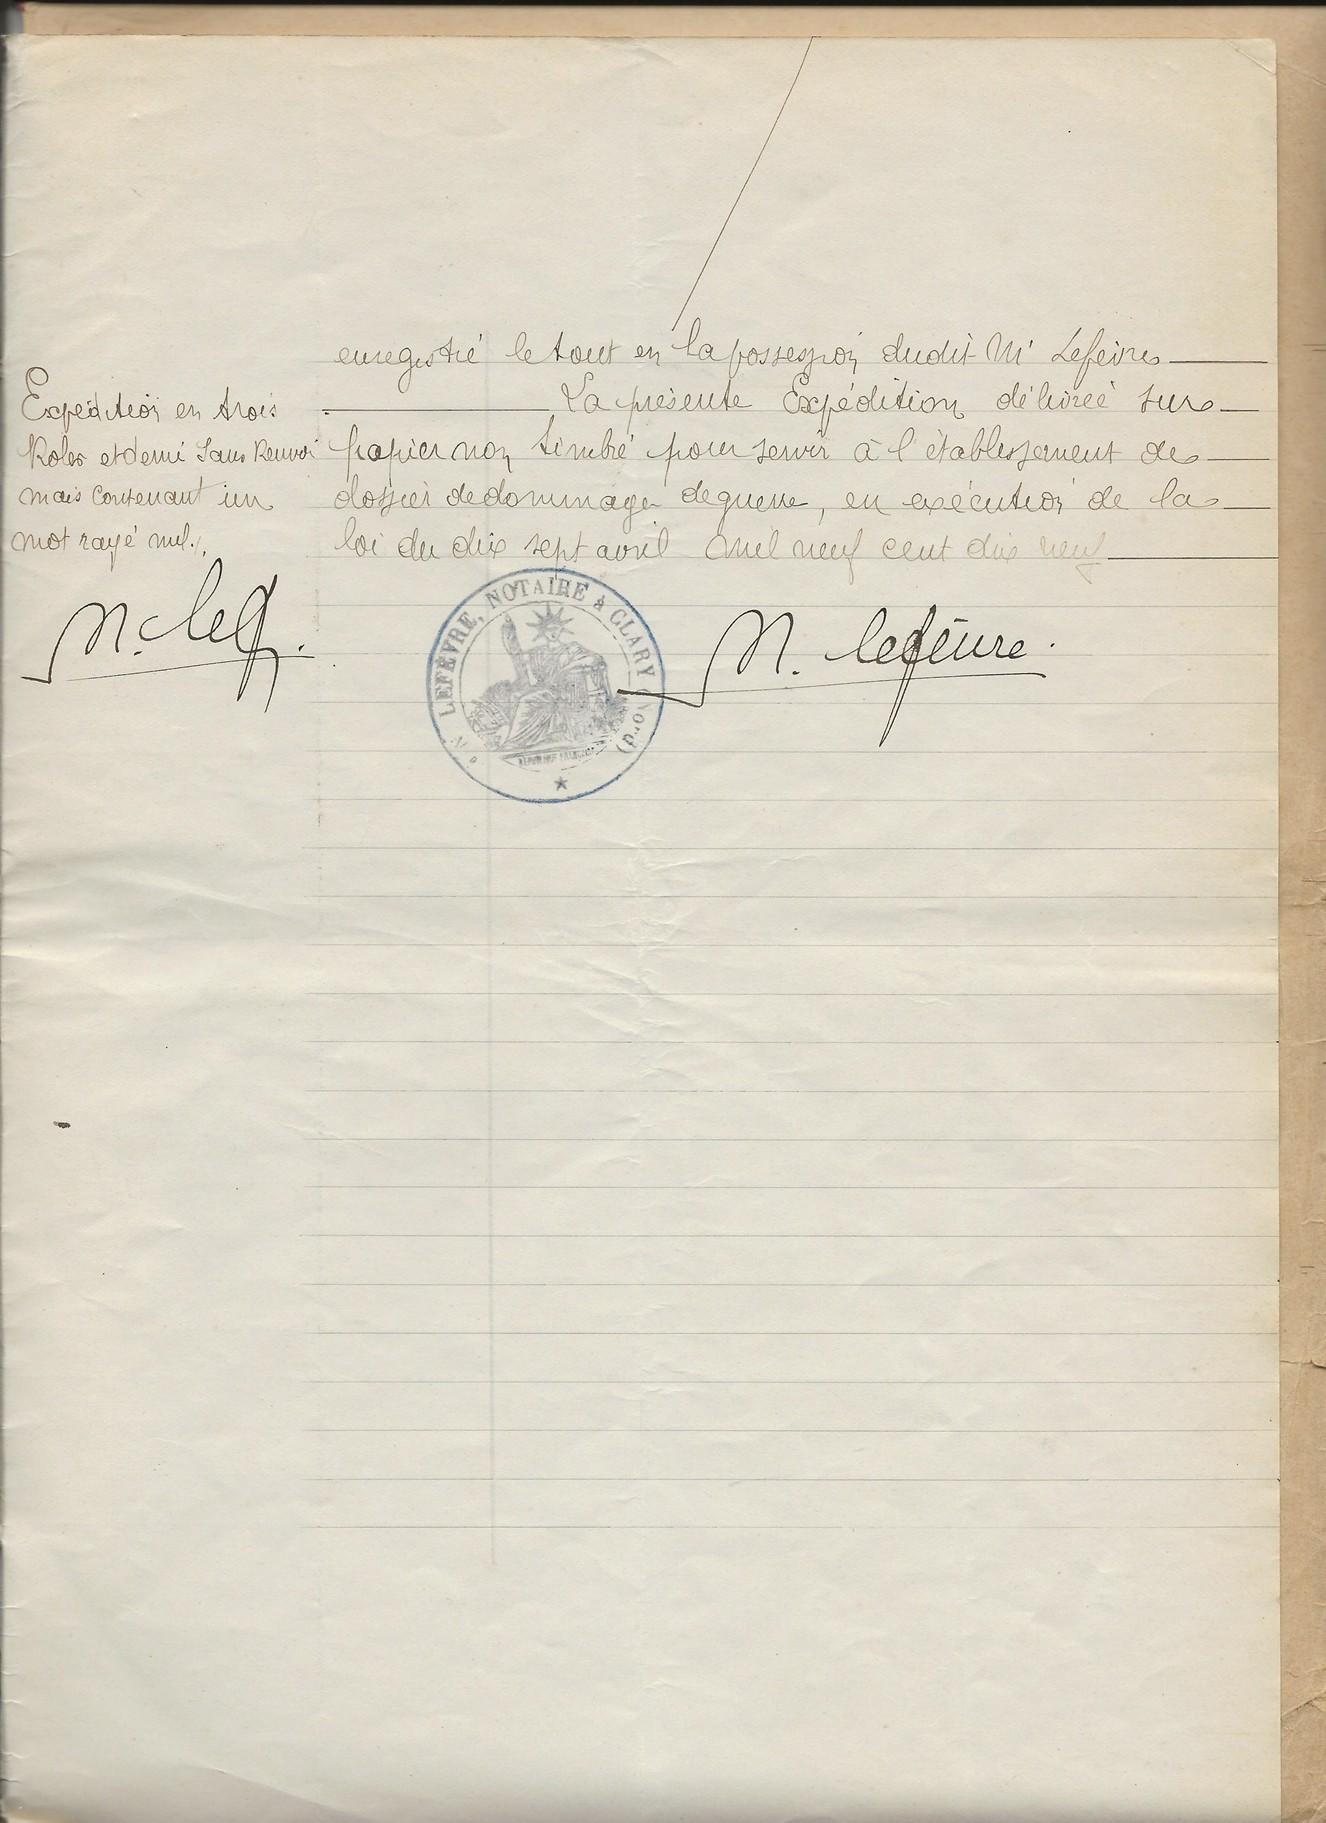 1920 vente fruit pruvot a lenglet hiboux 014